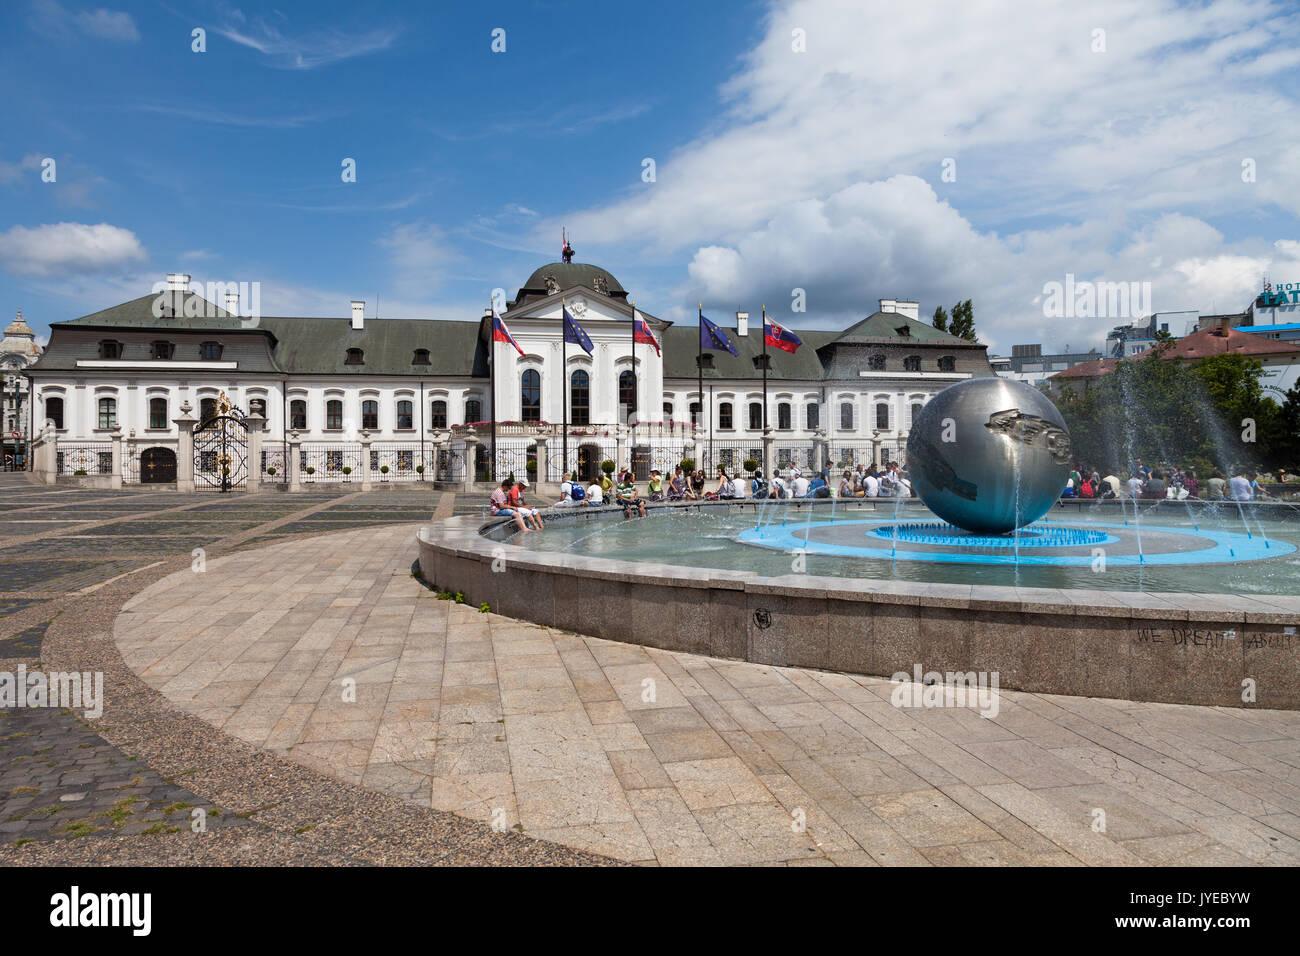 Palazzo di Schonbrunn, sito patrimonio mondiale dell'unesco, Vienna, Austria. Immagini Stock